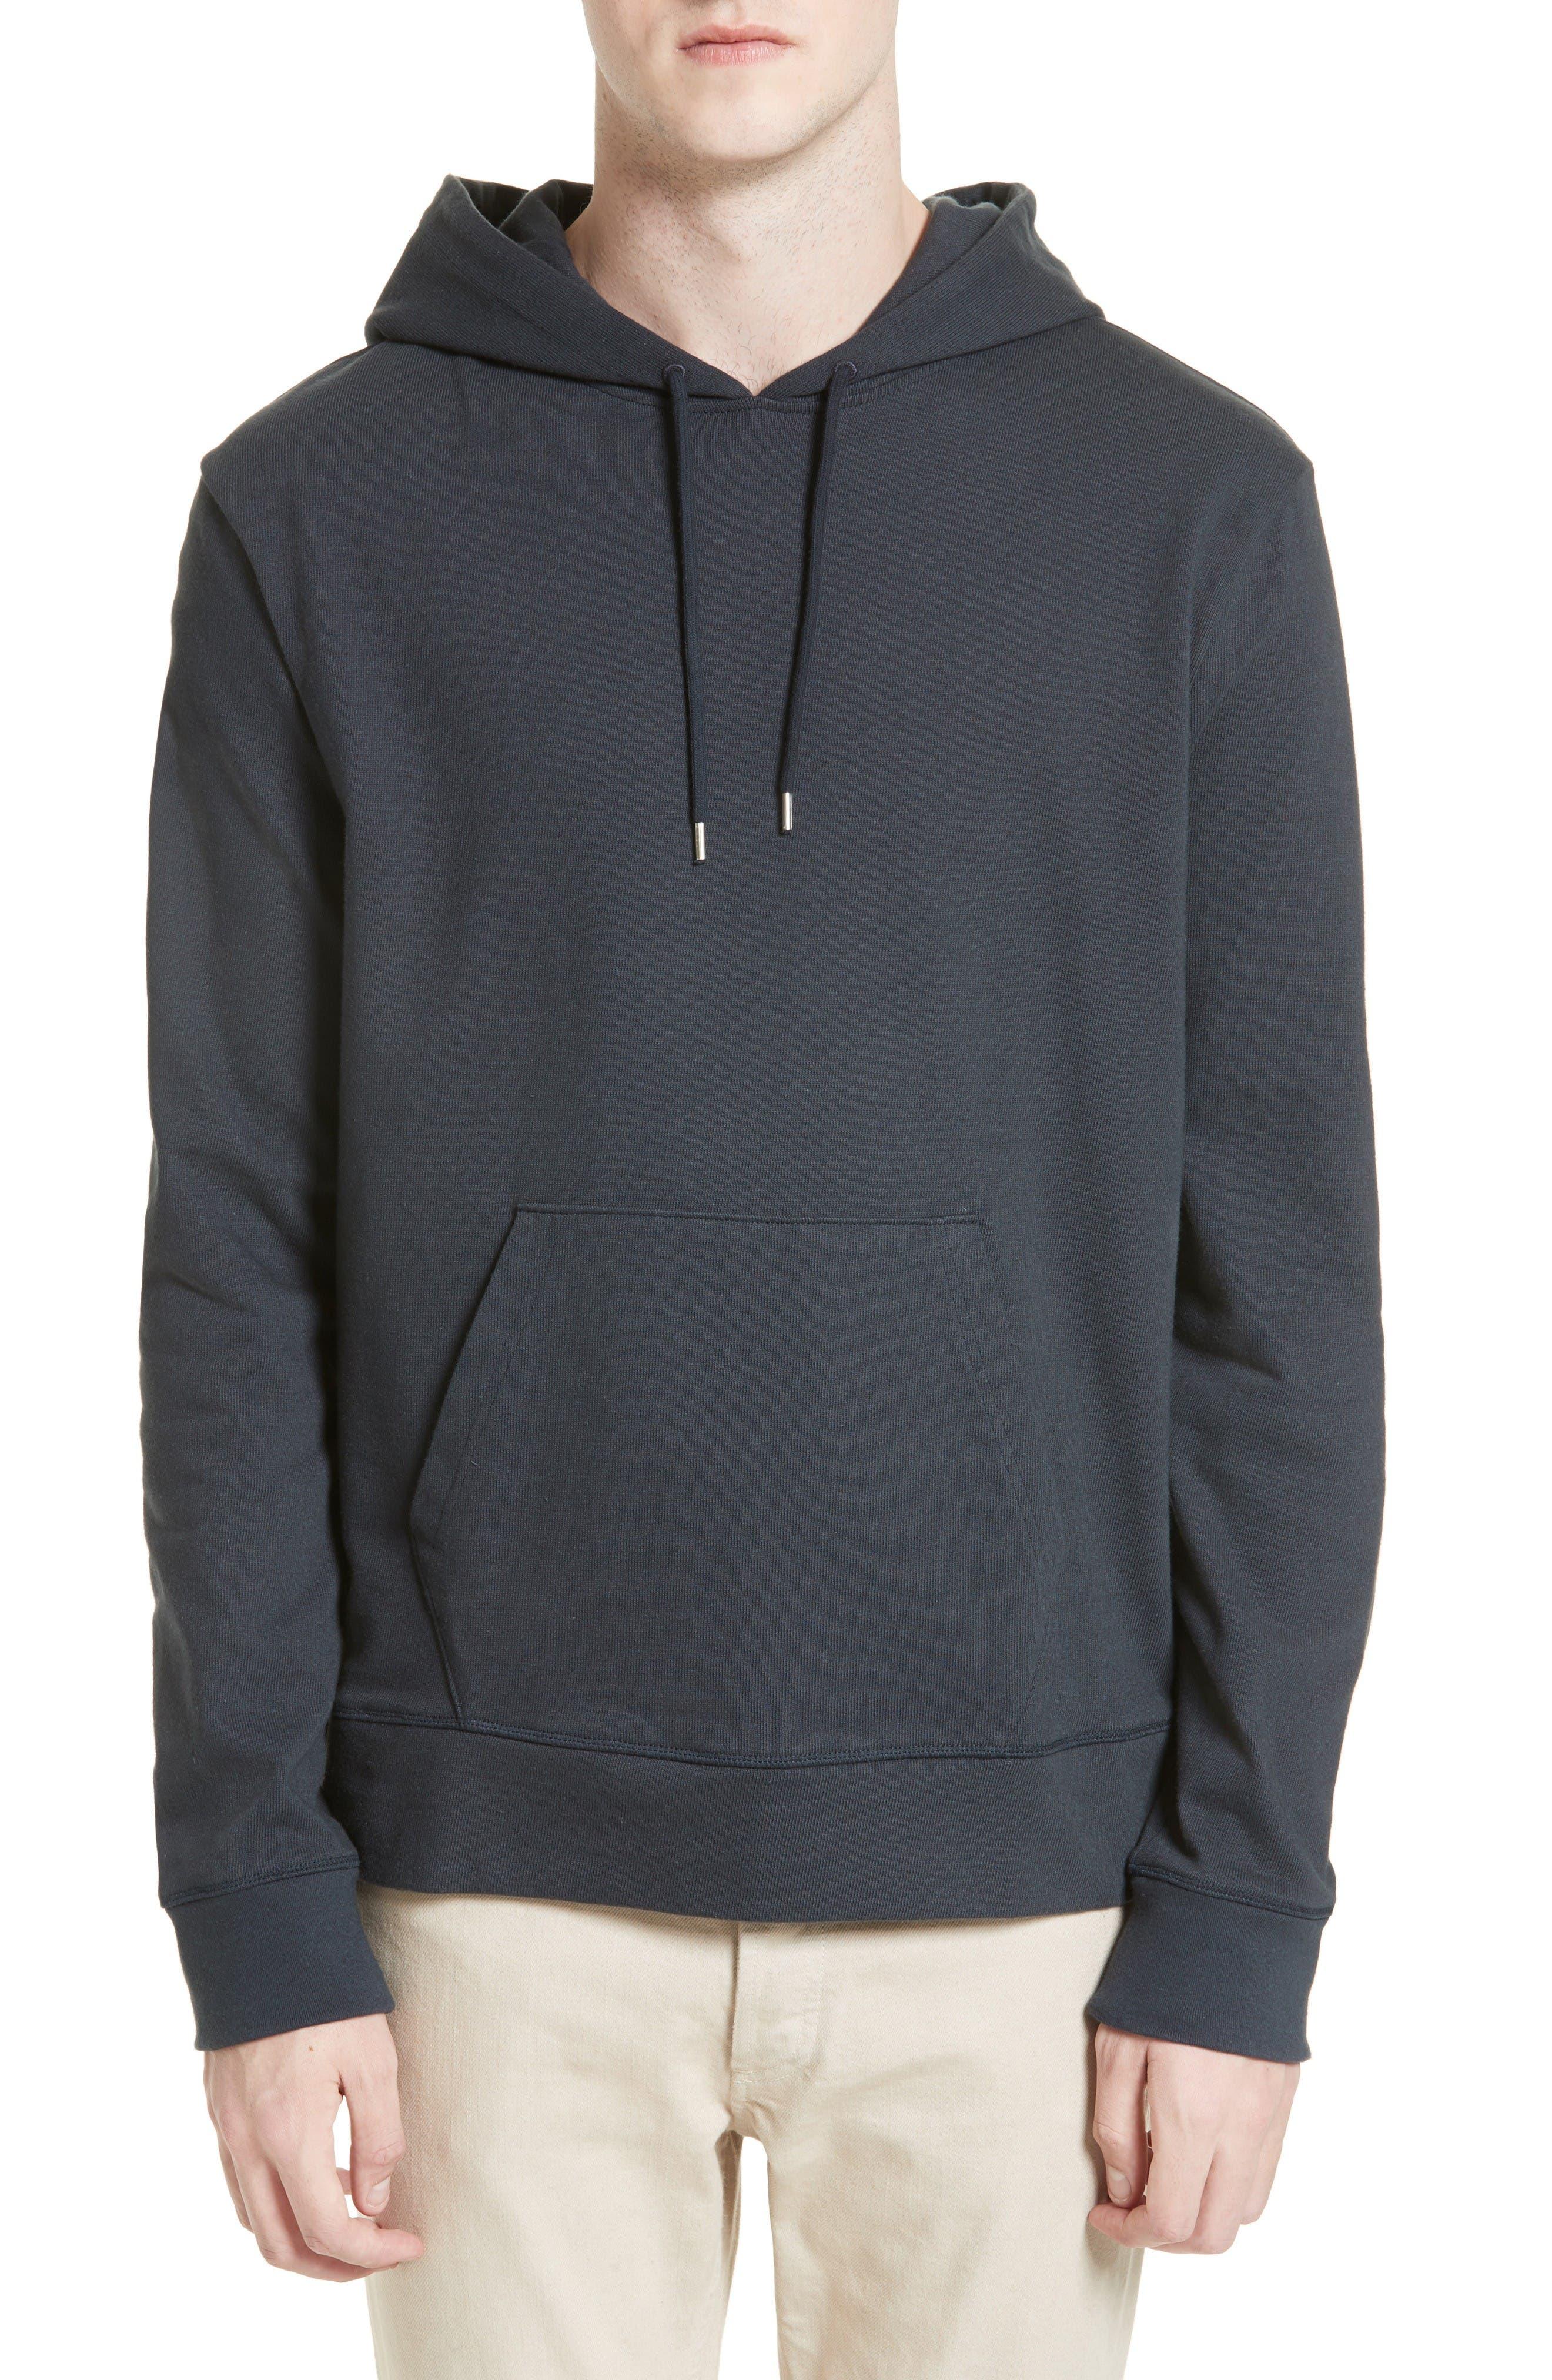 Alternate Image 1 Selected - A.P.C. Brody Hooded Sweatshirt